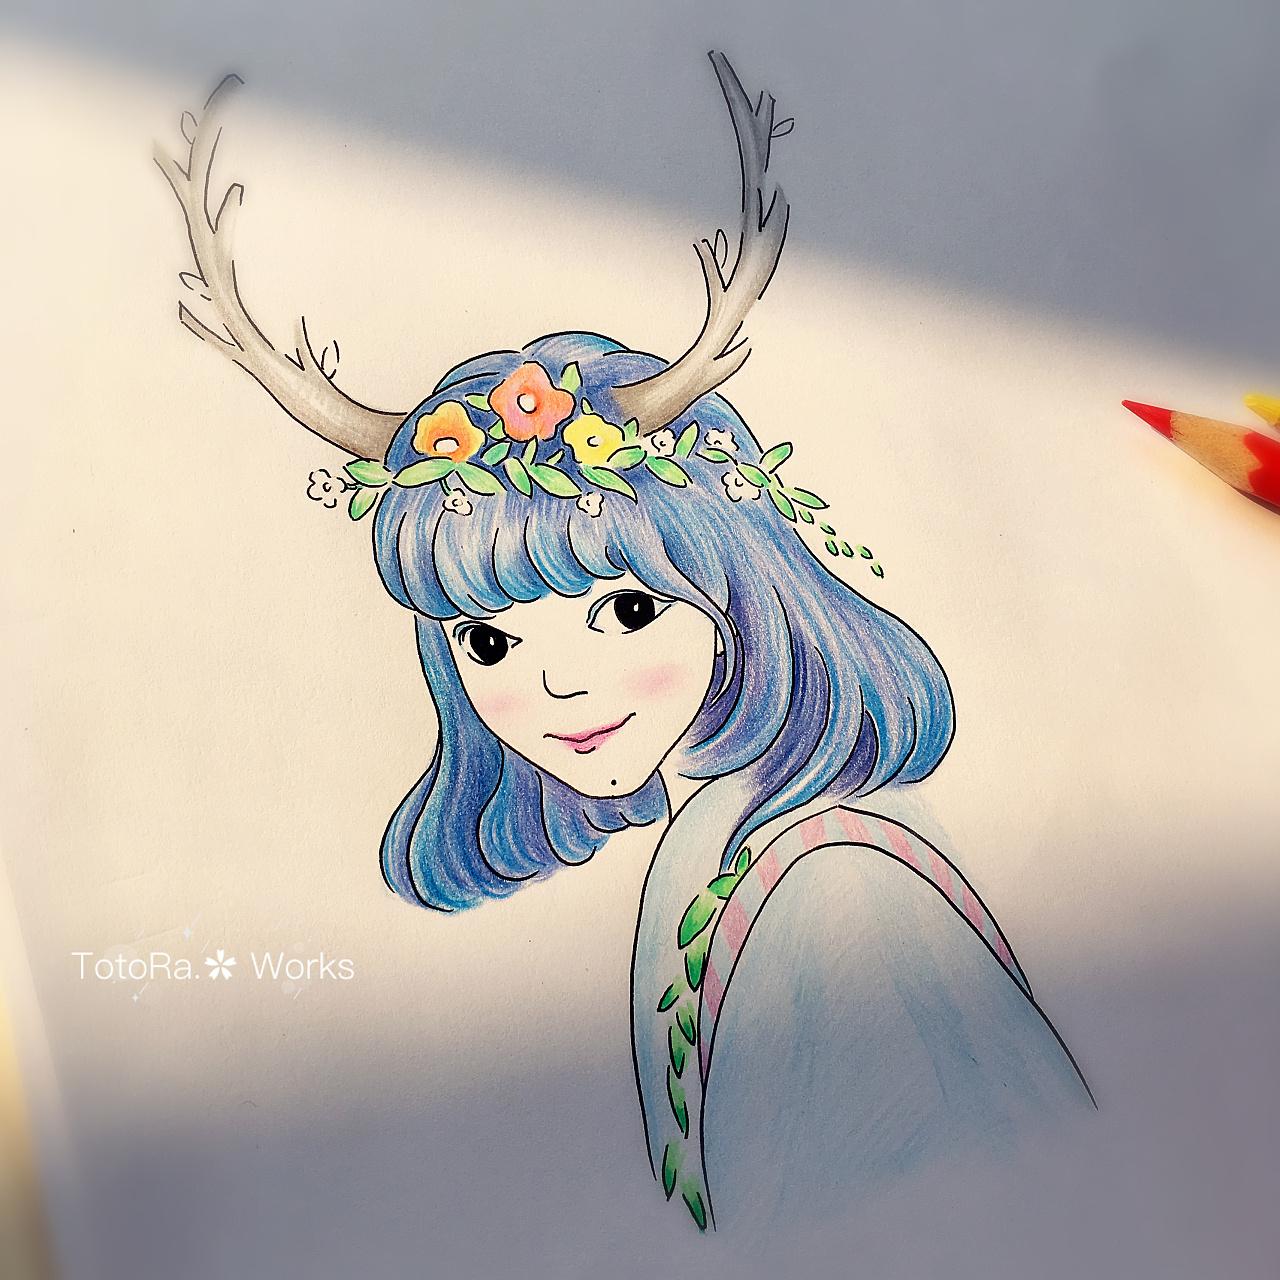 纯手工手绘森女系创作肖像